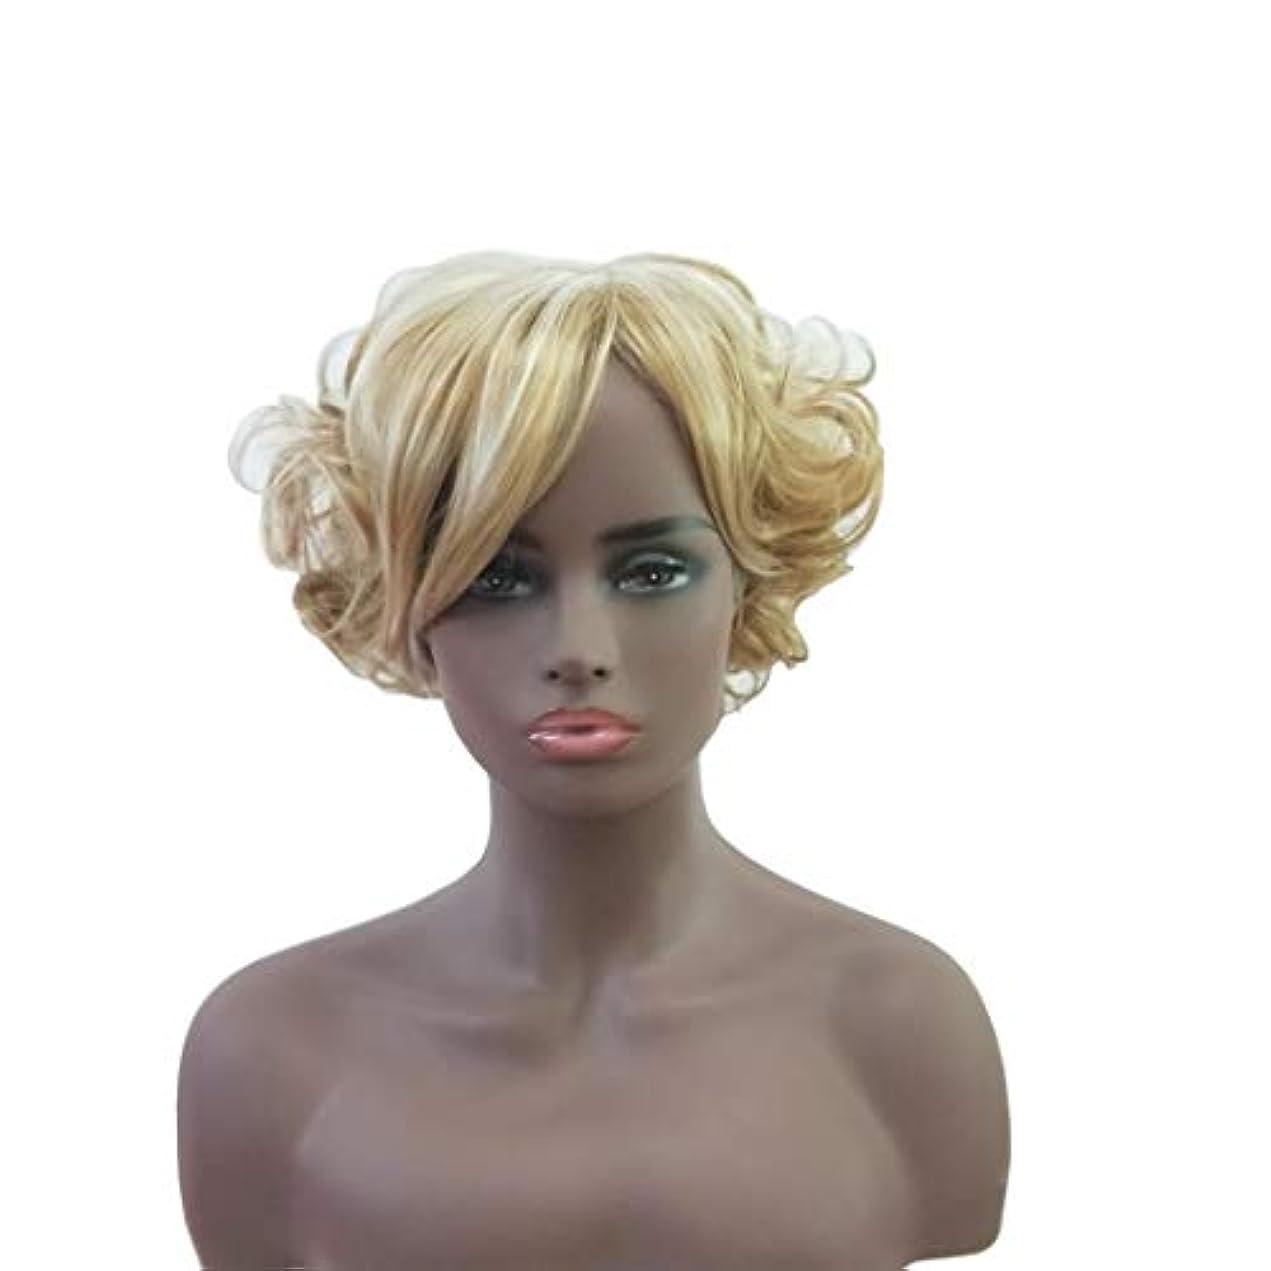 ライブフロンティア不定Summerys 女性のための短い巻き毛のかつらかつら前髪付きかつら人工毛髪かつら自然なかつら